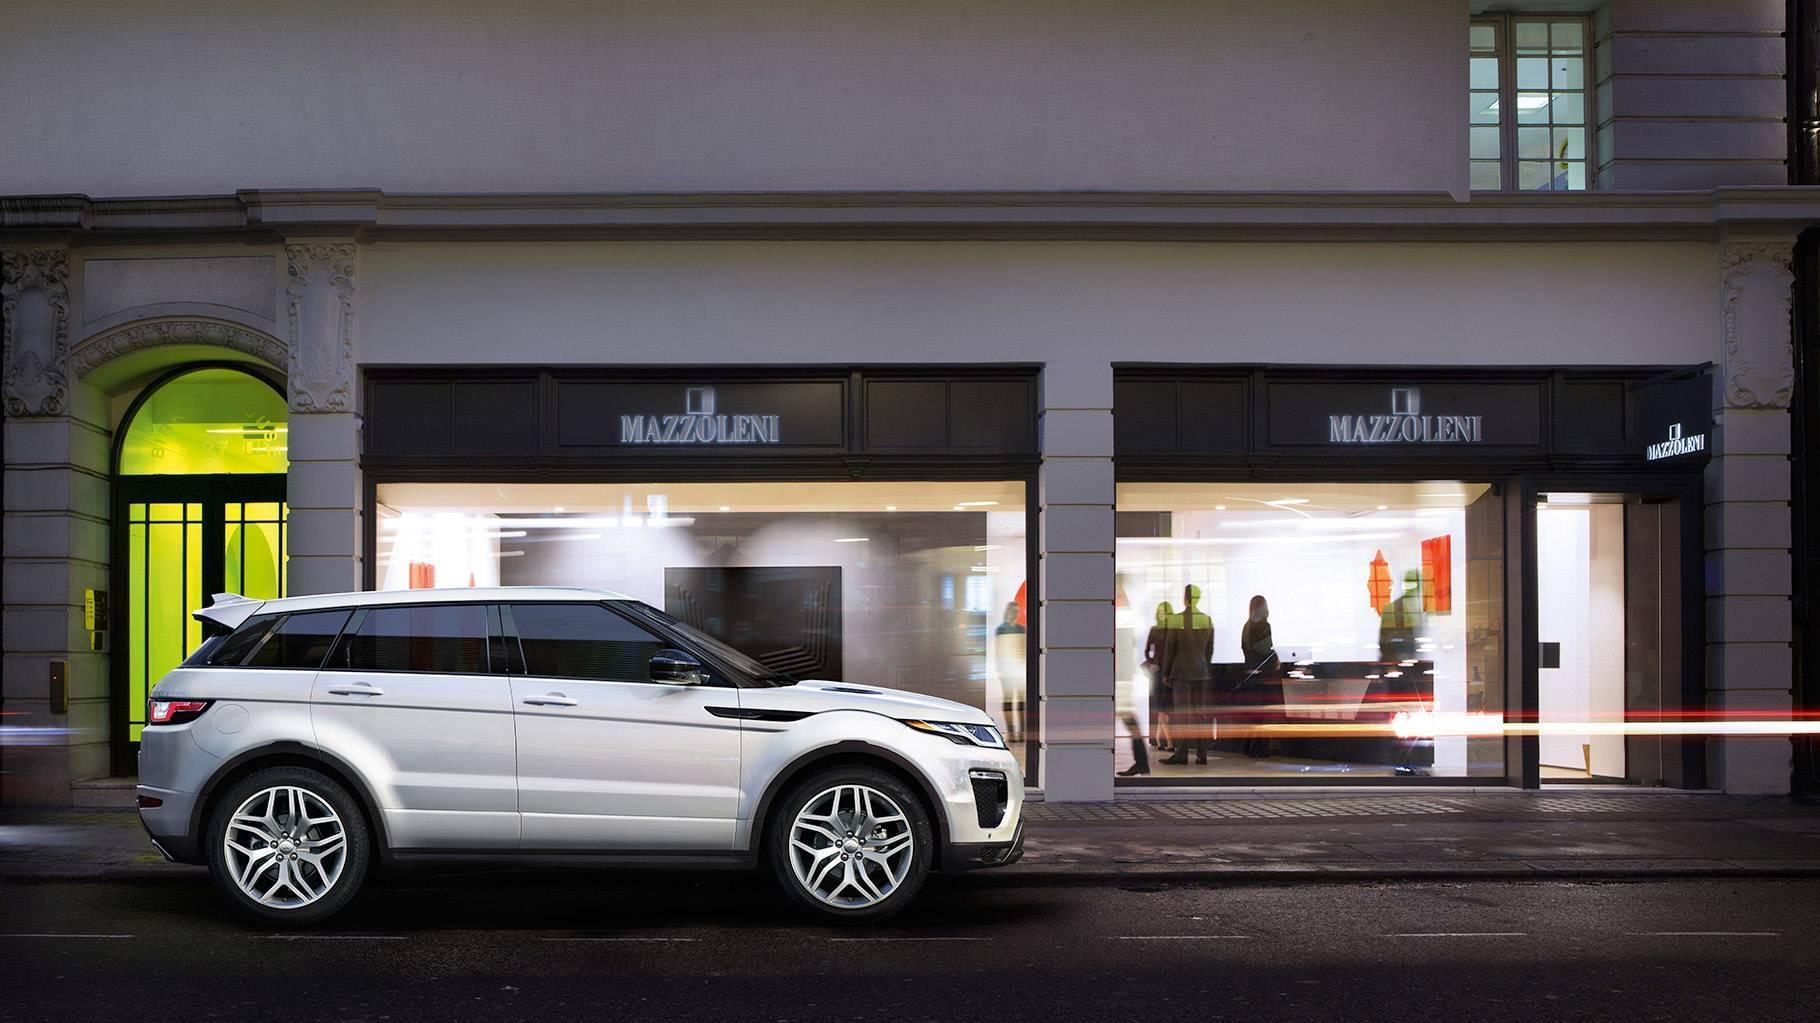 2017-Land-Rover-Range-Rover-Evoque-Exterior-profile